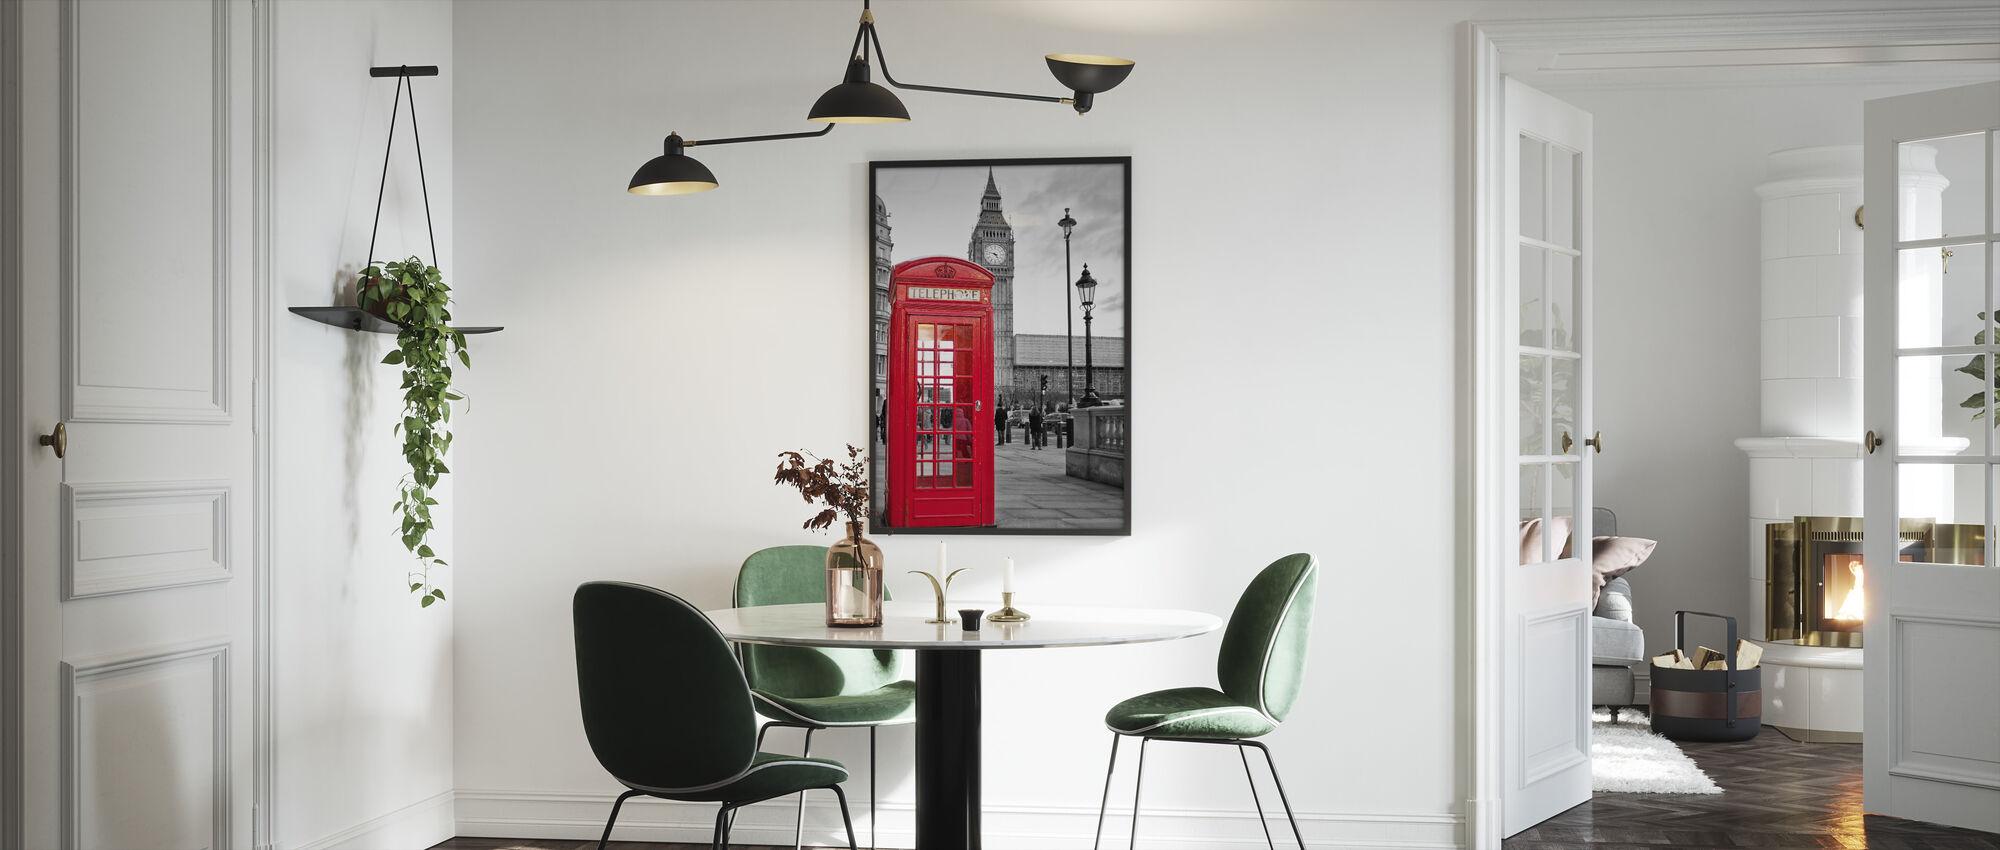 Lontoo Puhelin - Kehystetty kuva - Keittiö